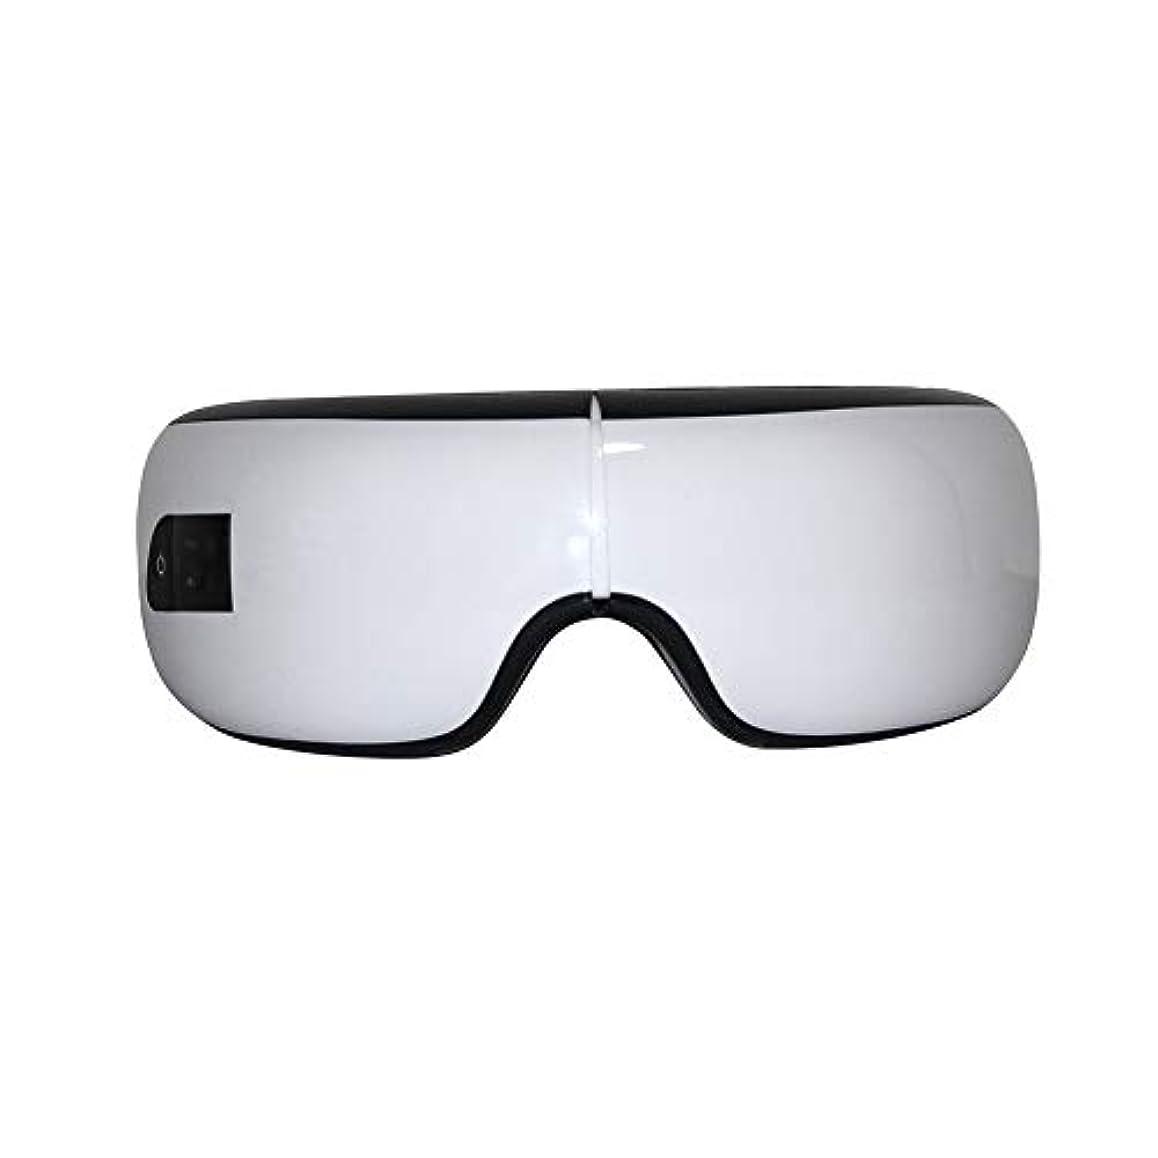 大砲人間花束電気振動Bluetoothアイマッサージャーアイケアデバイスしわ疲労緩和振動マッサージホットコンプレスセラピーメガネクリスマスギフト